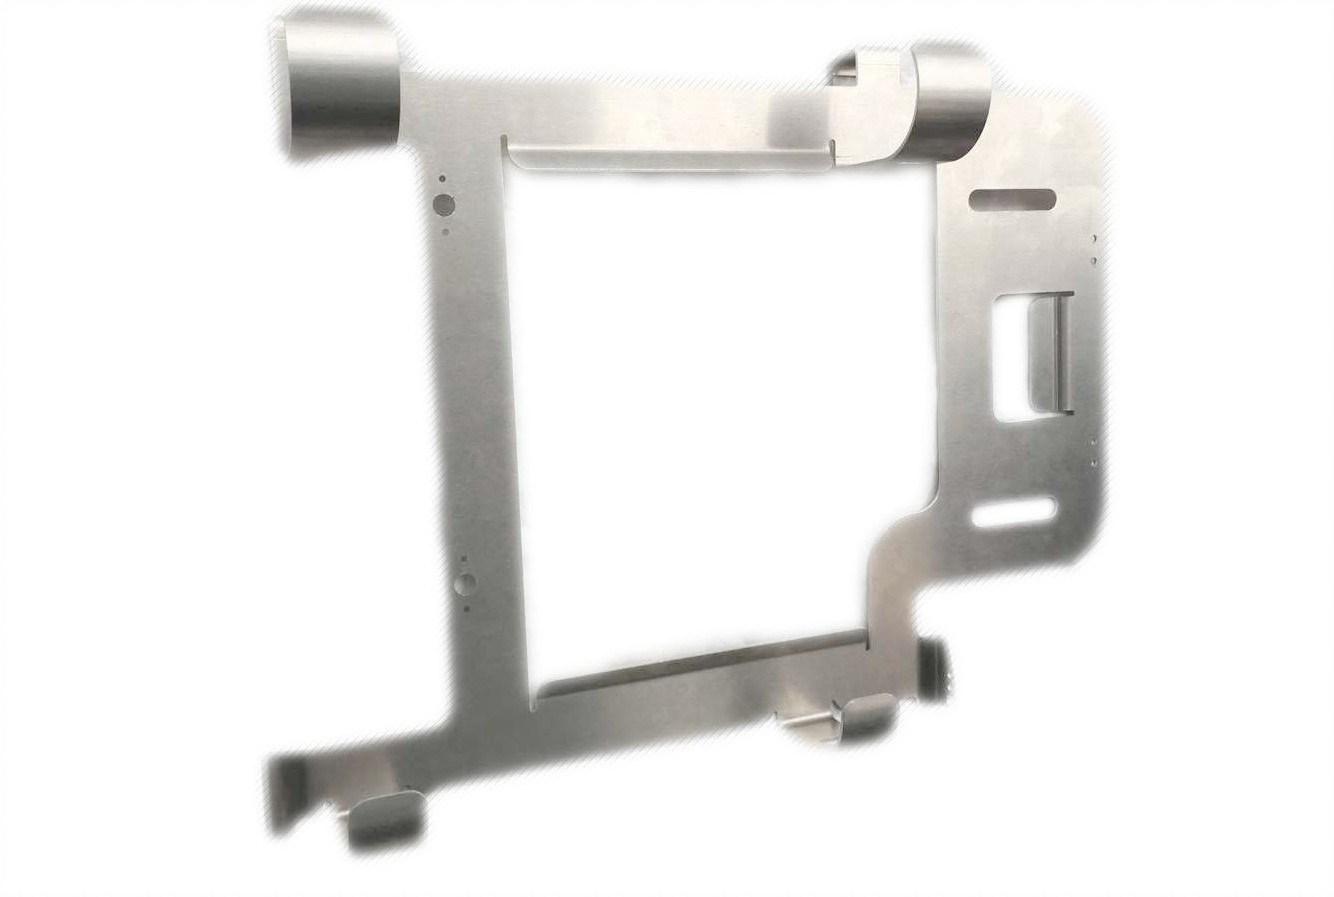 Precision Sheet Metal Stamped Part, CNC Bending